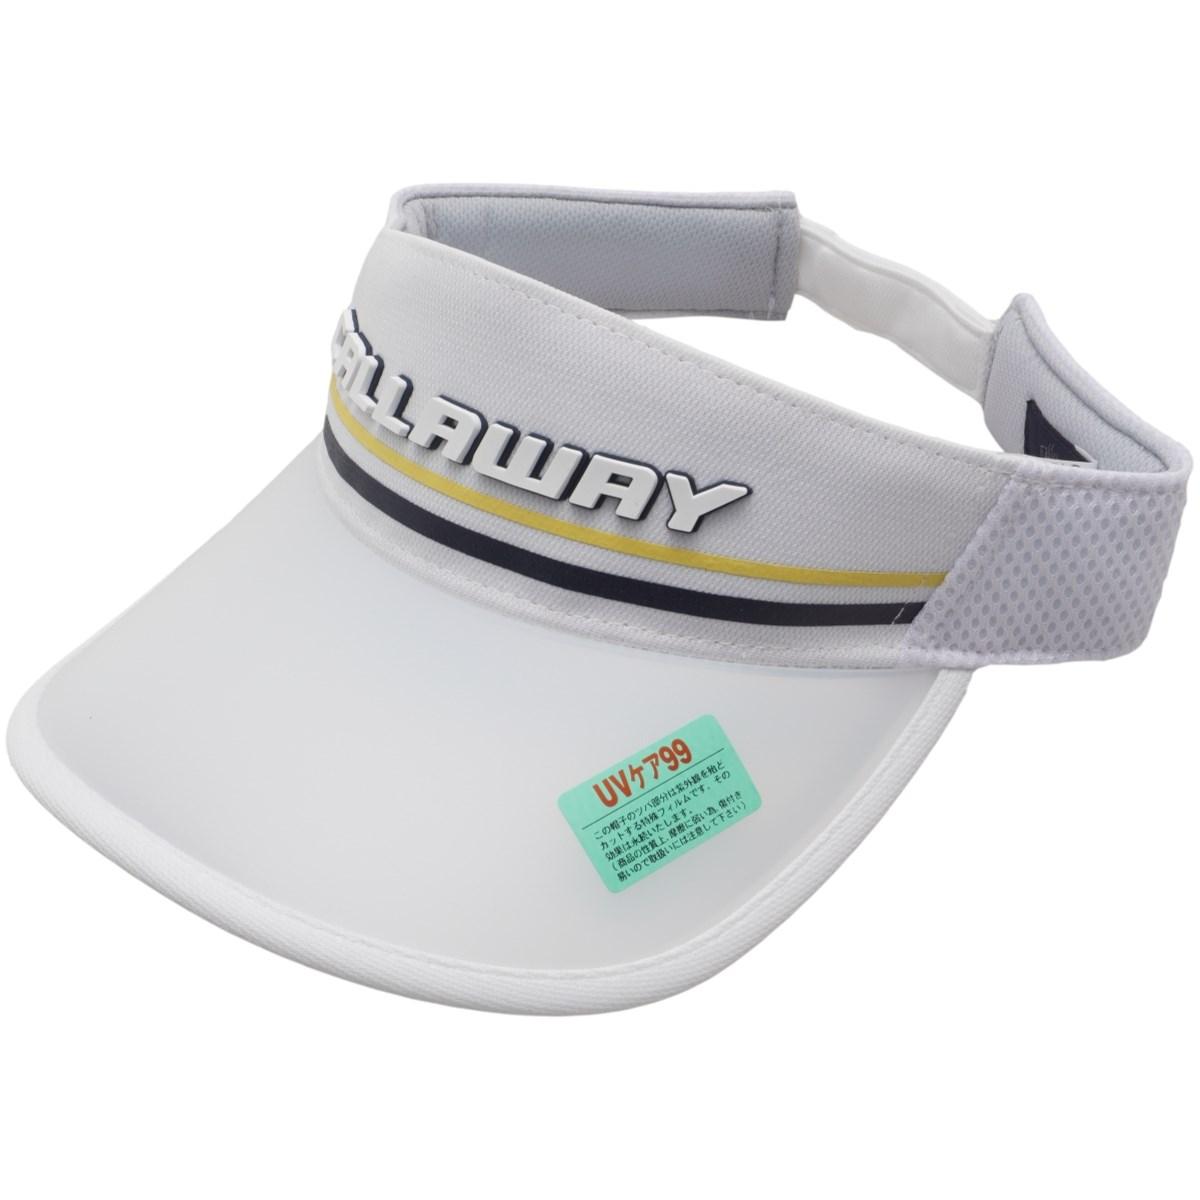 キャロウェイゴルフ Callaway Golf UVつばダブルラッセルサンバイザー フリー ホワイト 030 レディス